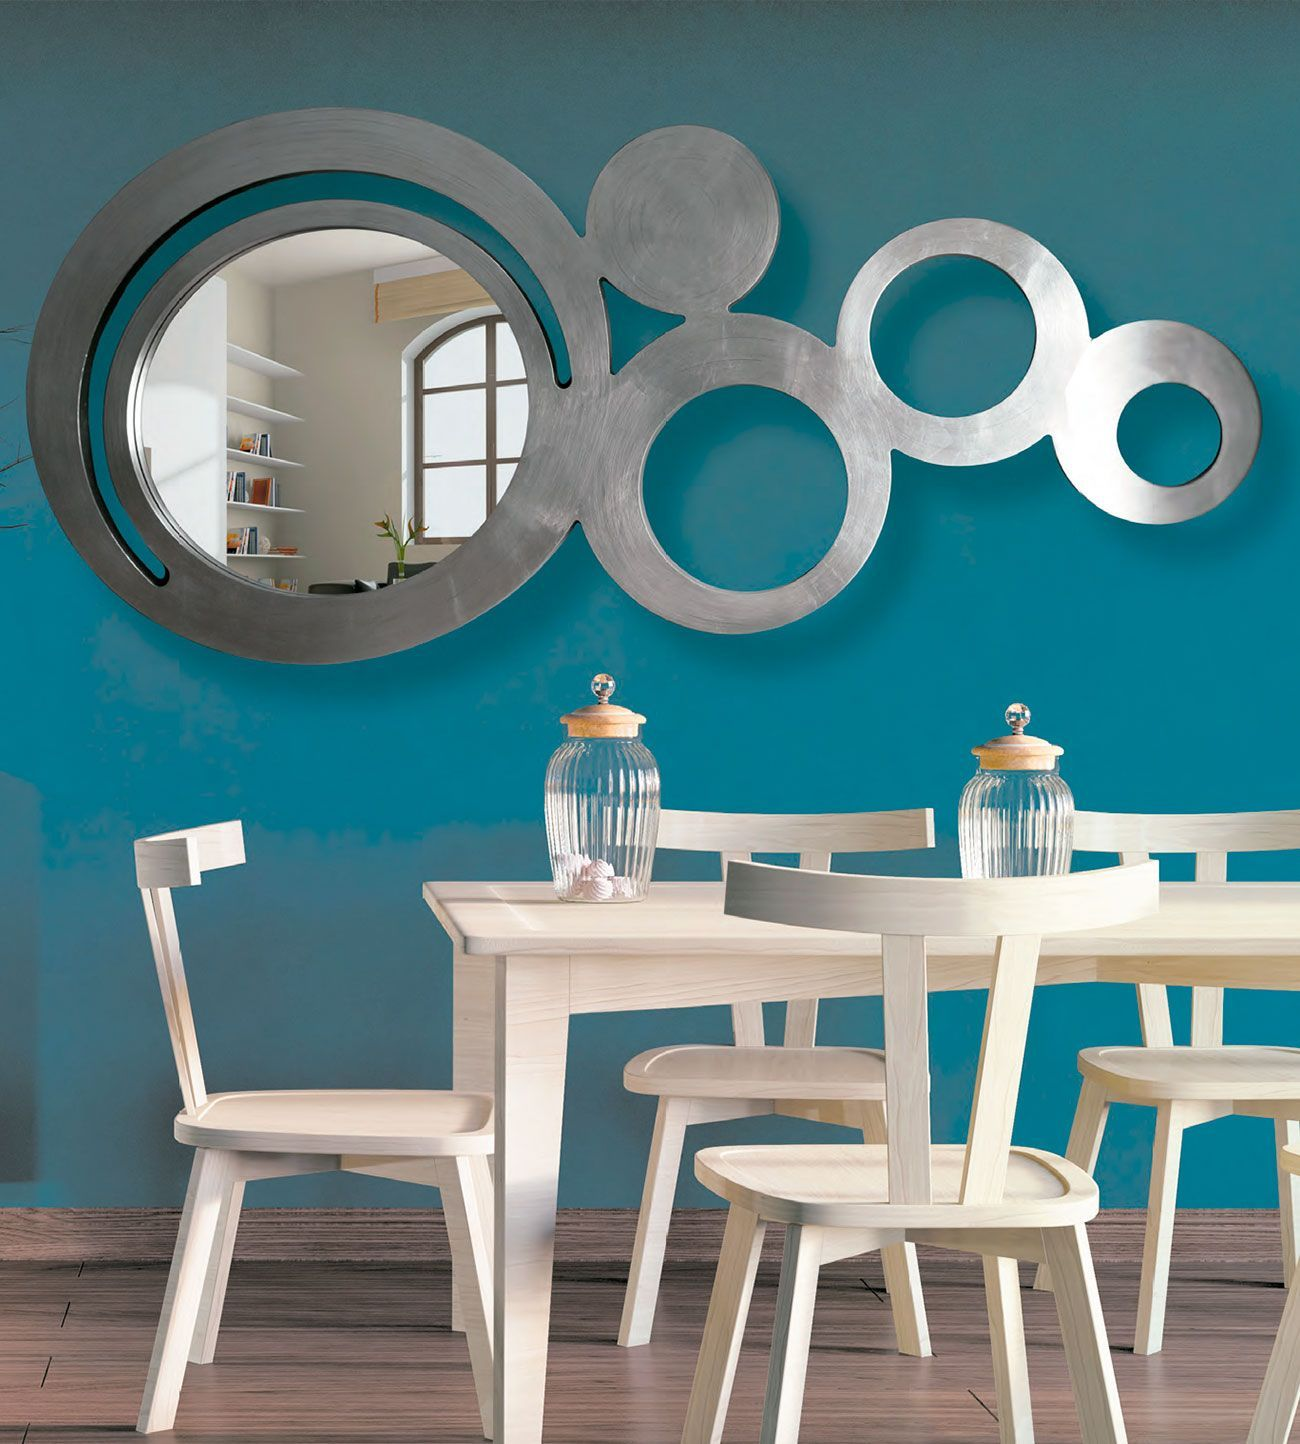 Espelho Redondella, Espelhos Decorativos